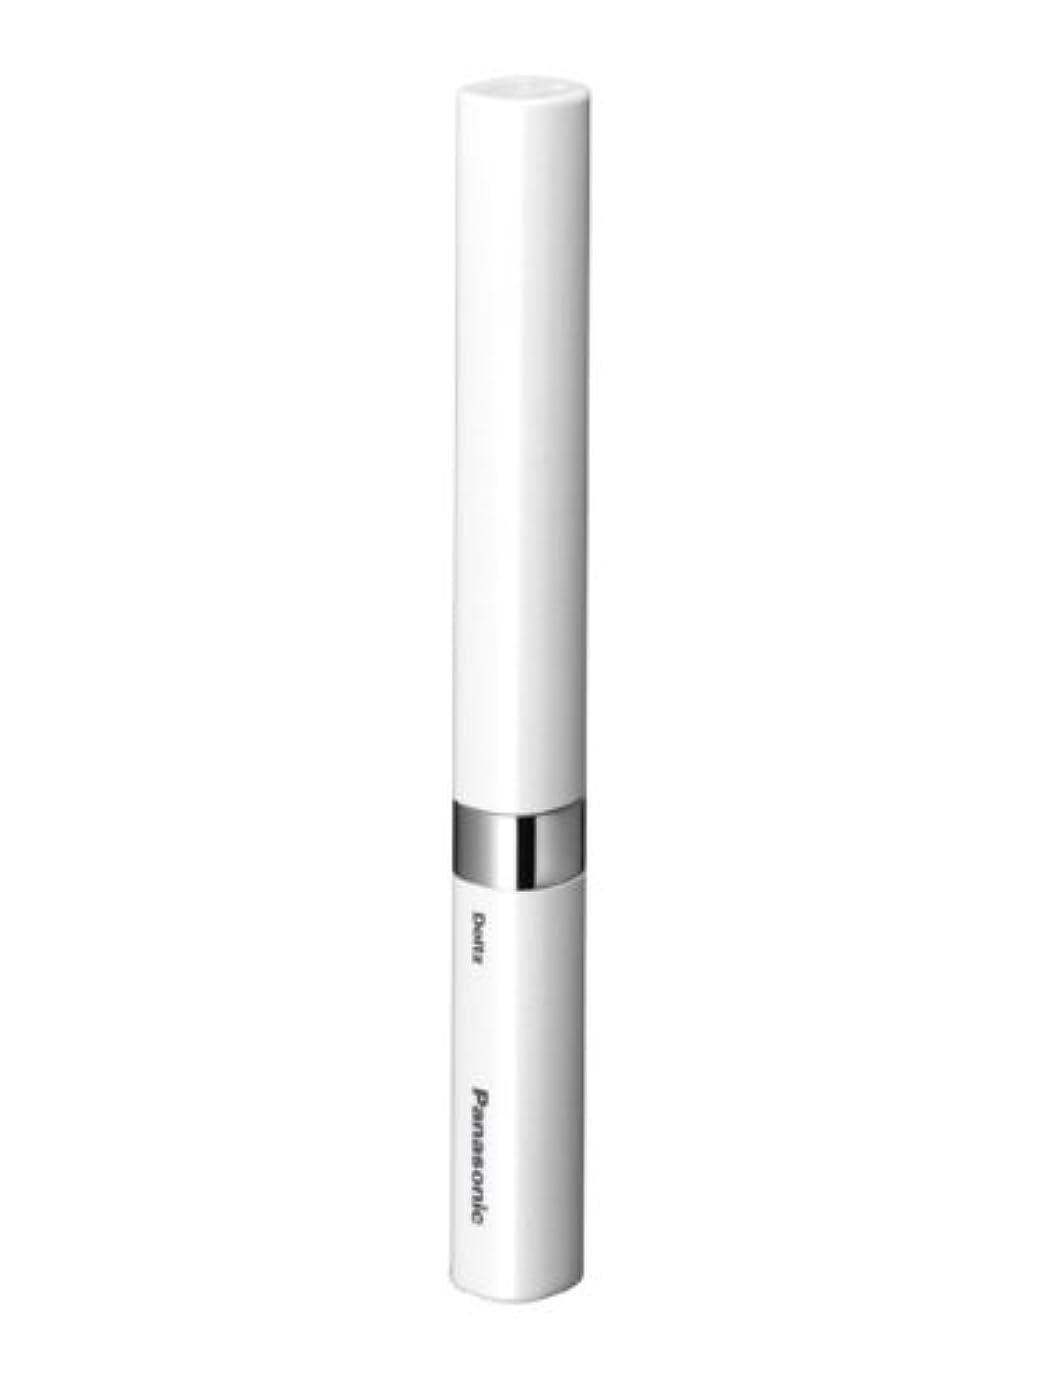 イースター神秘猛烈なパナソニック 音波振動ハブラシ ポケットドルツ 白 EW-DS14-W